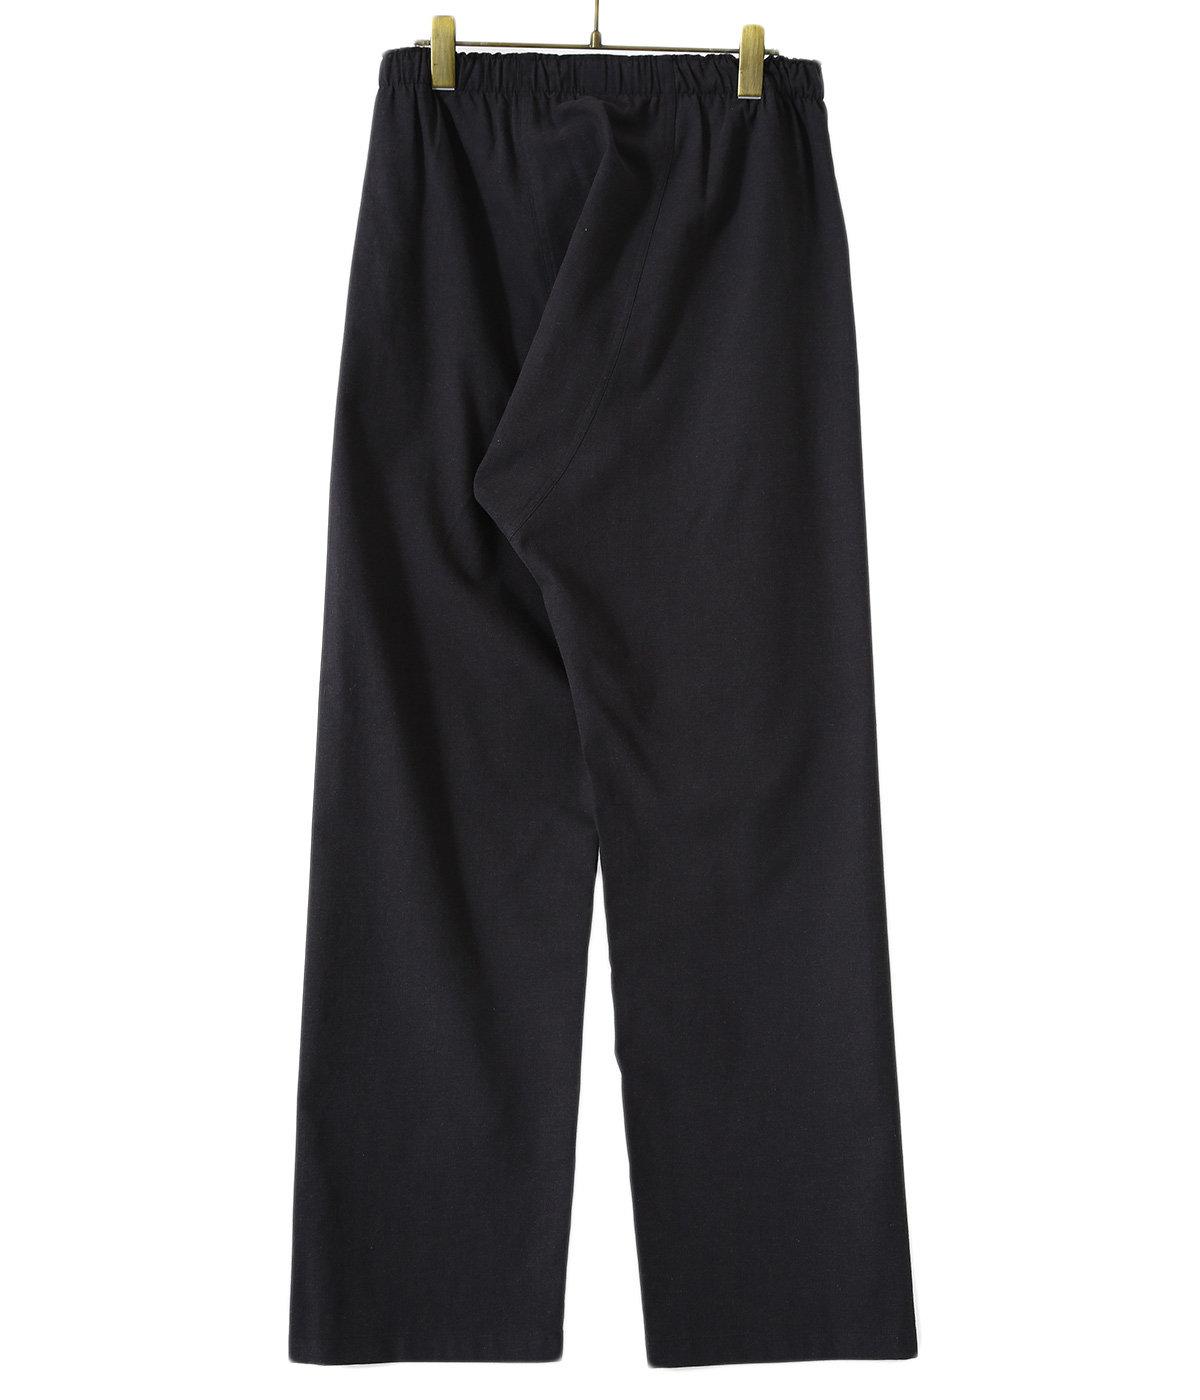 パジャマパンツ - 50958 -